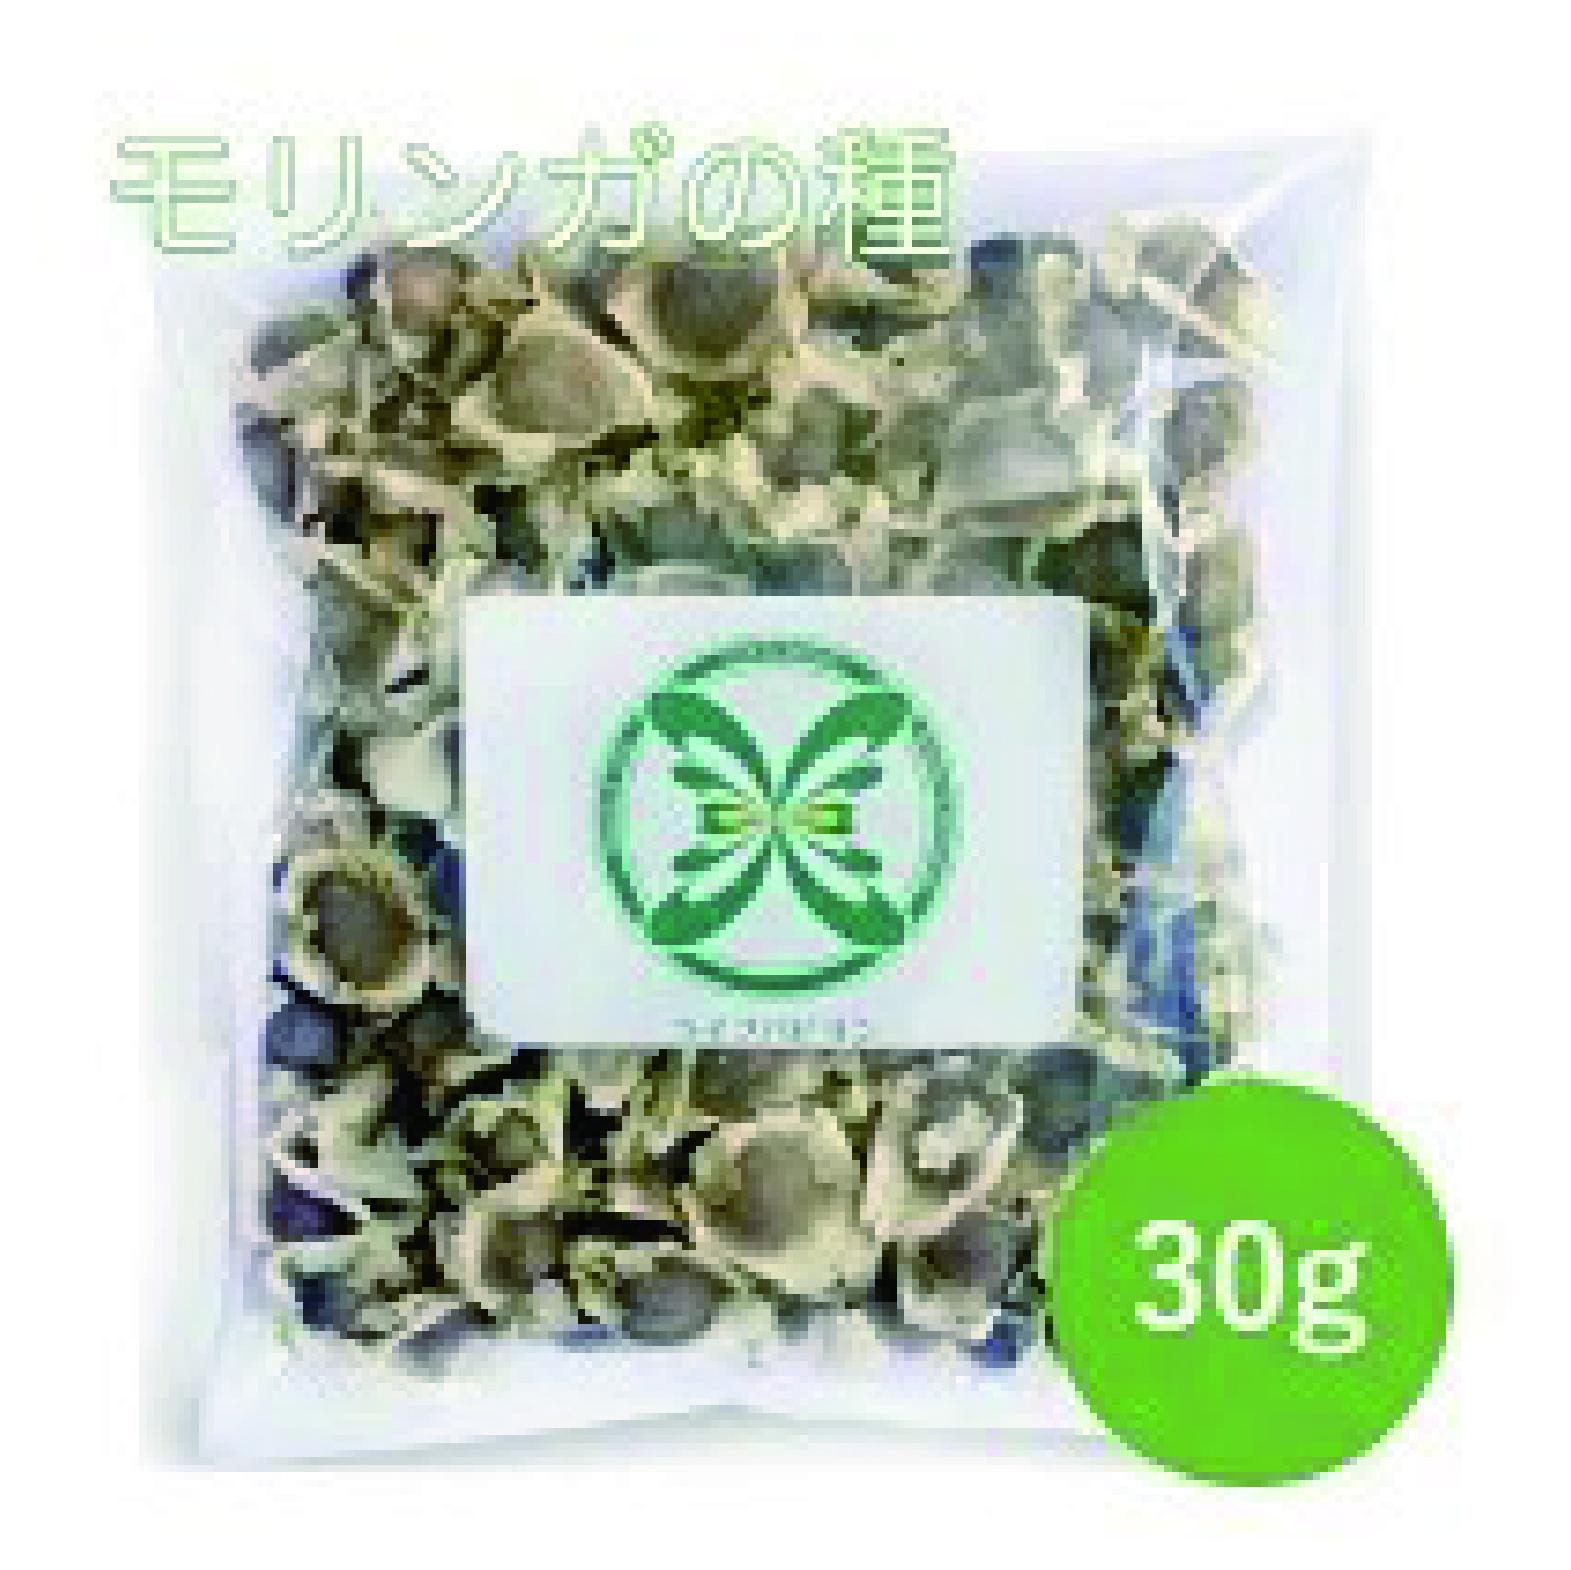 モリンガ種(30g) 育て方マニュアル付き プランター植え可能 一般価格:¥1,650円 税込 会員価格:¥1,485円 税込